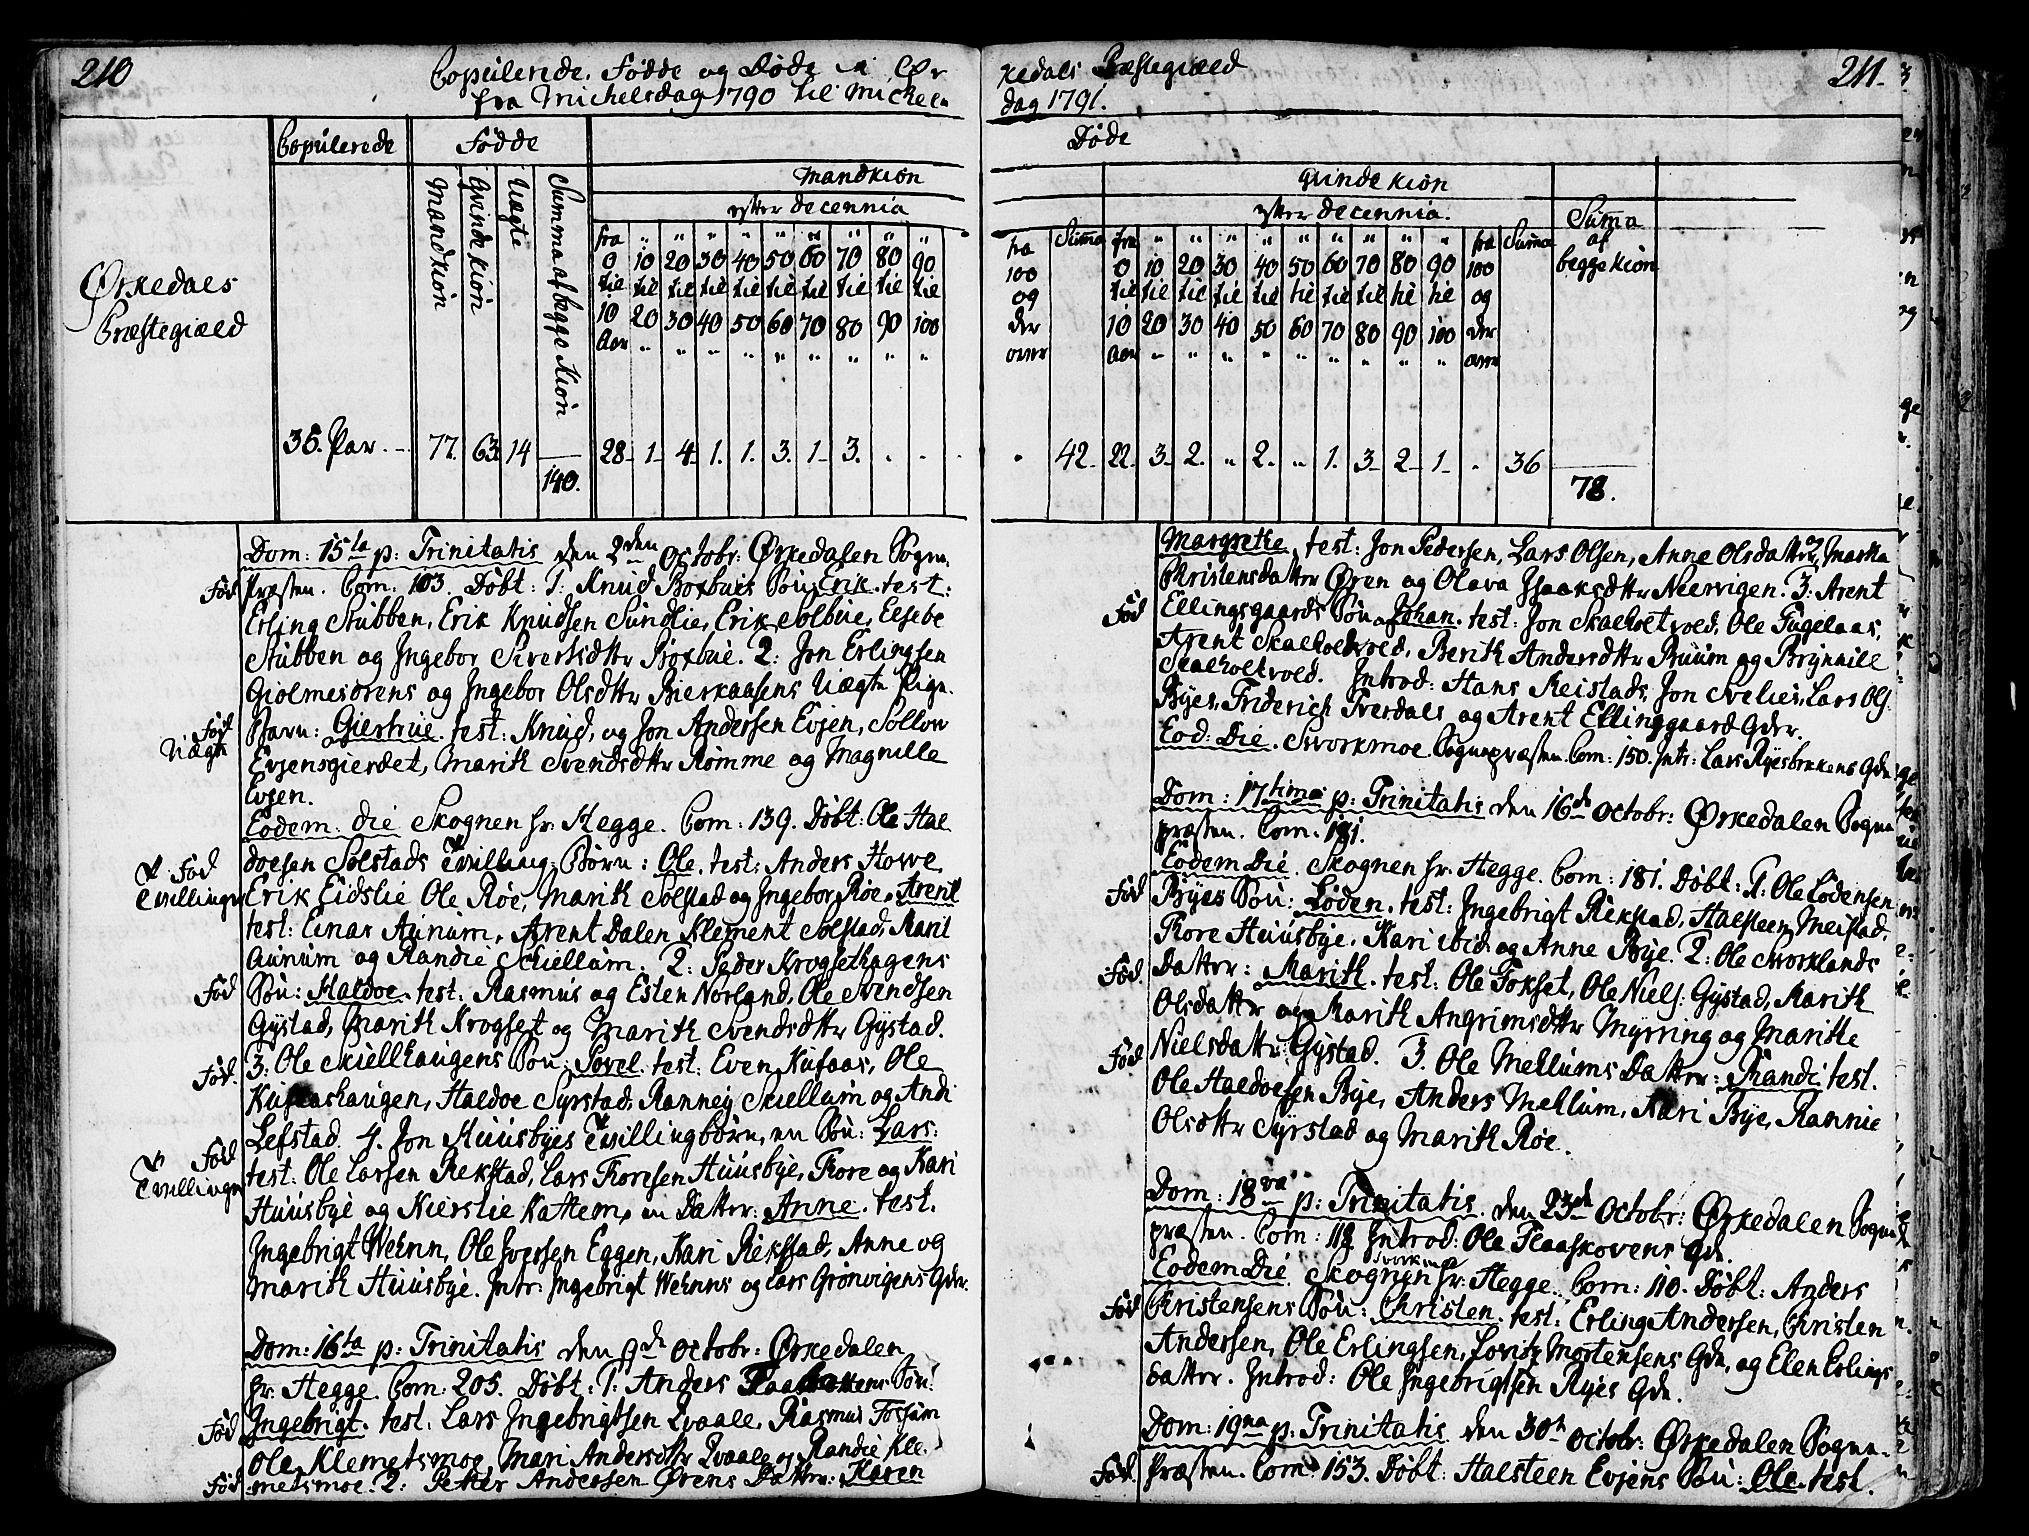 SAT, Ministerialprotokoller, klokkerbøker og fødselsregistre - Sør-Trøndelag, 668/L0802: Ministerialbok nr. 668A02, 1776-1799, s. 210-211